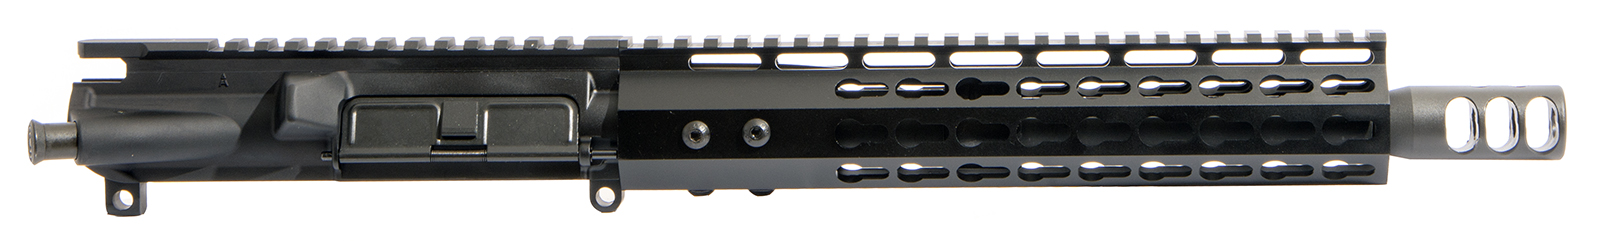 ar-15-upper-assembly-10-5-300-blackout-10-cbc-gen-2-keymod-ar-15-rail-cbc-compensator